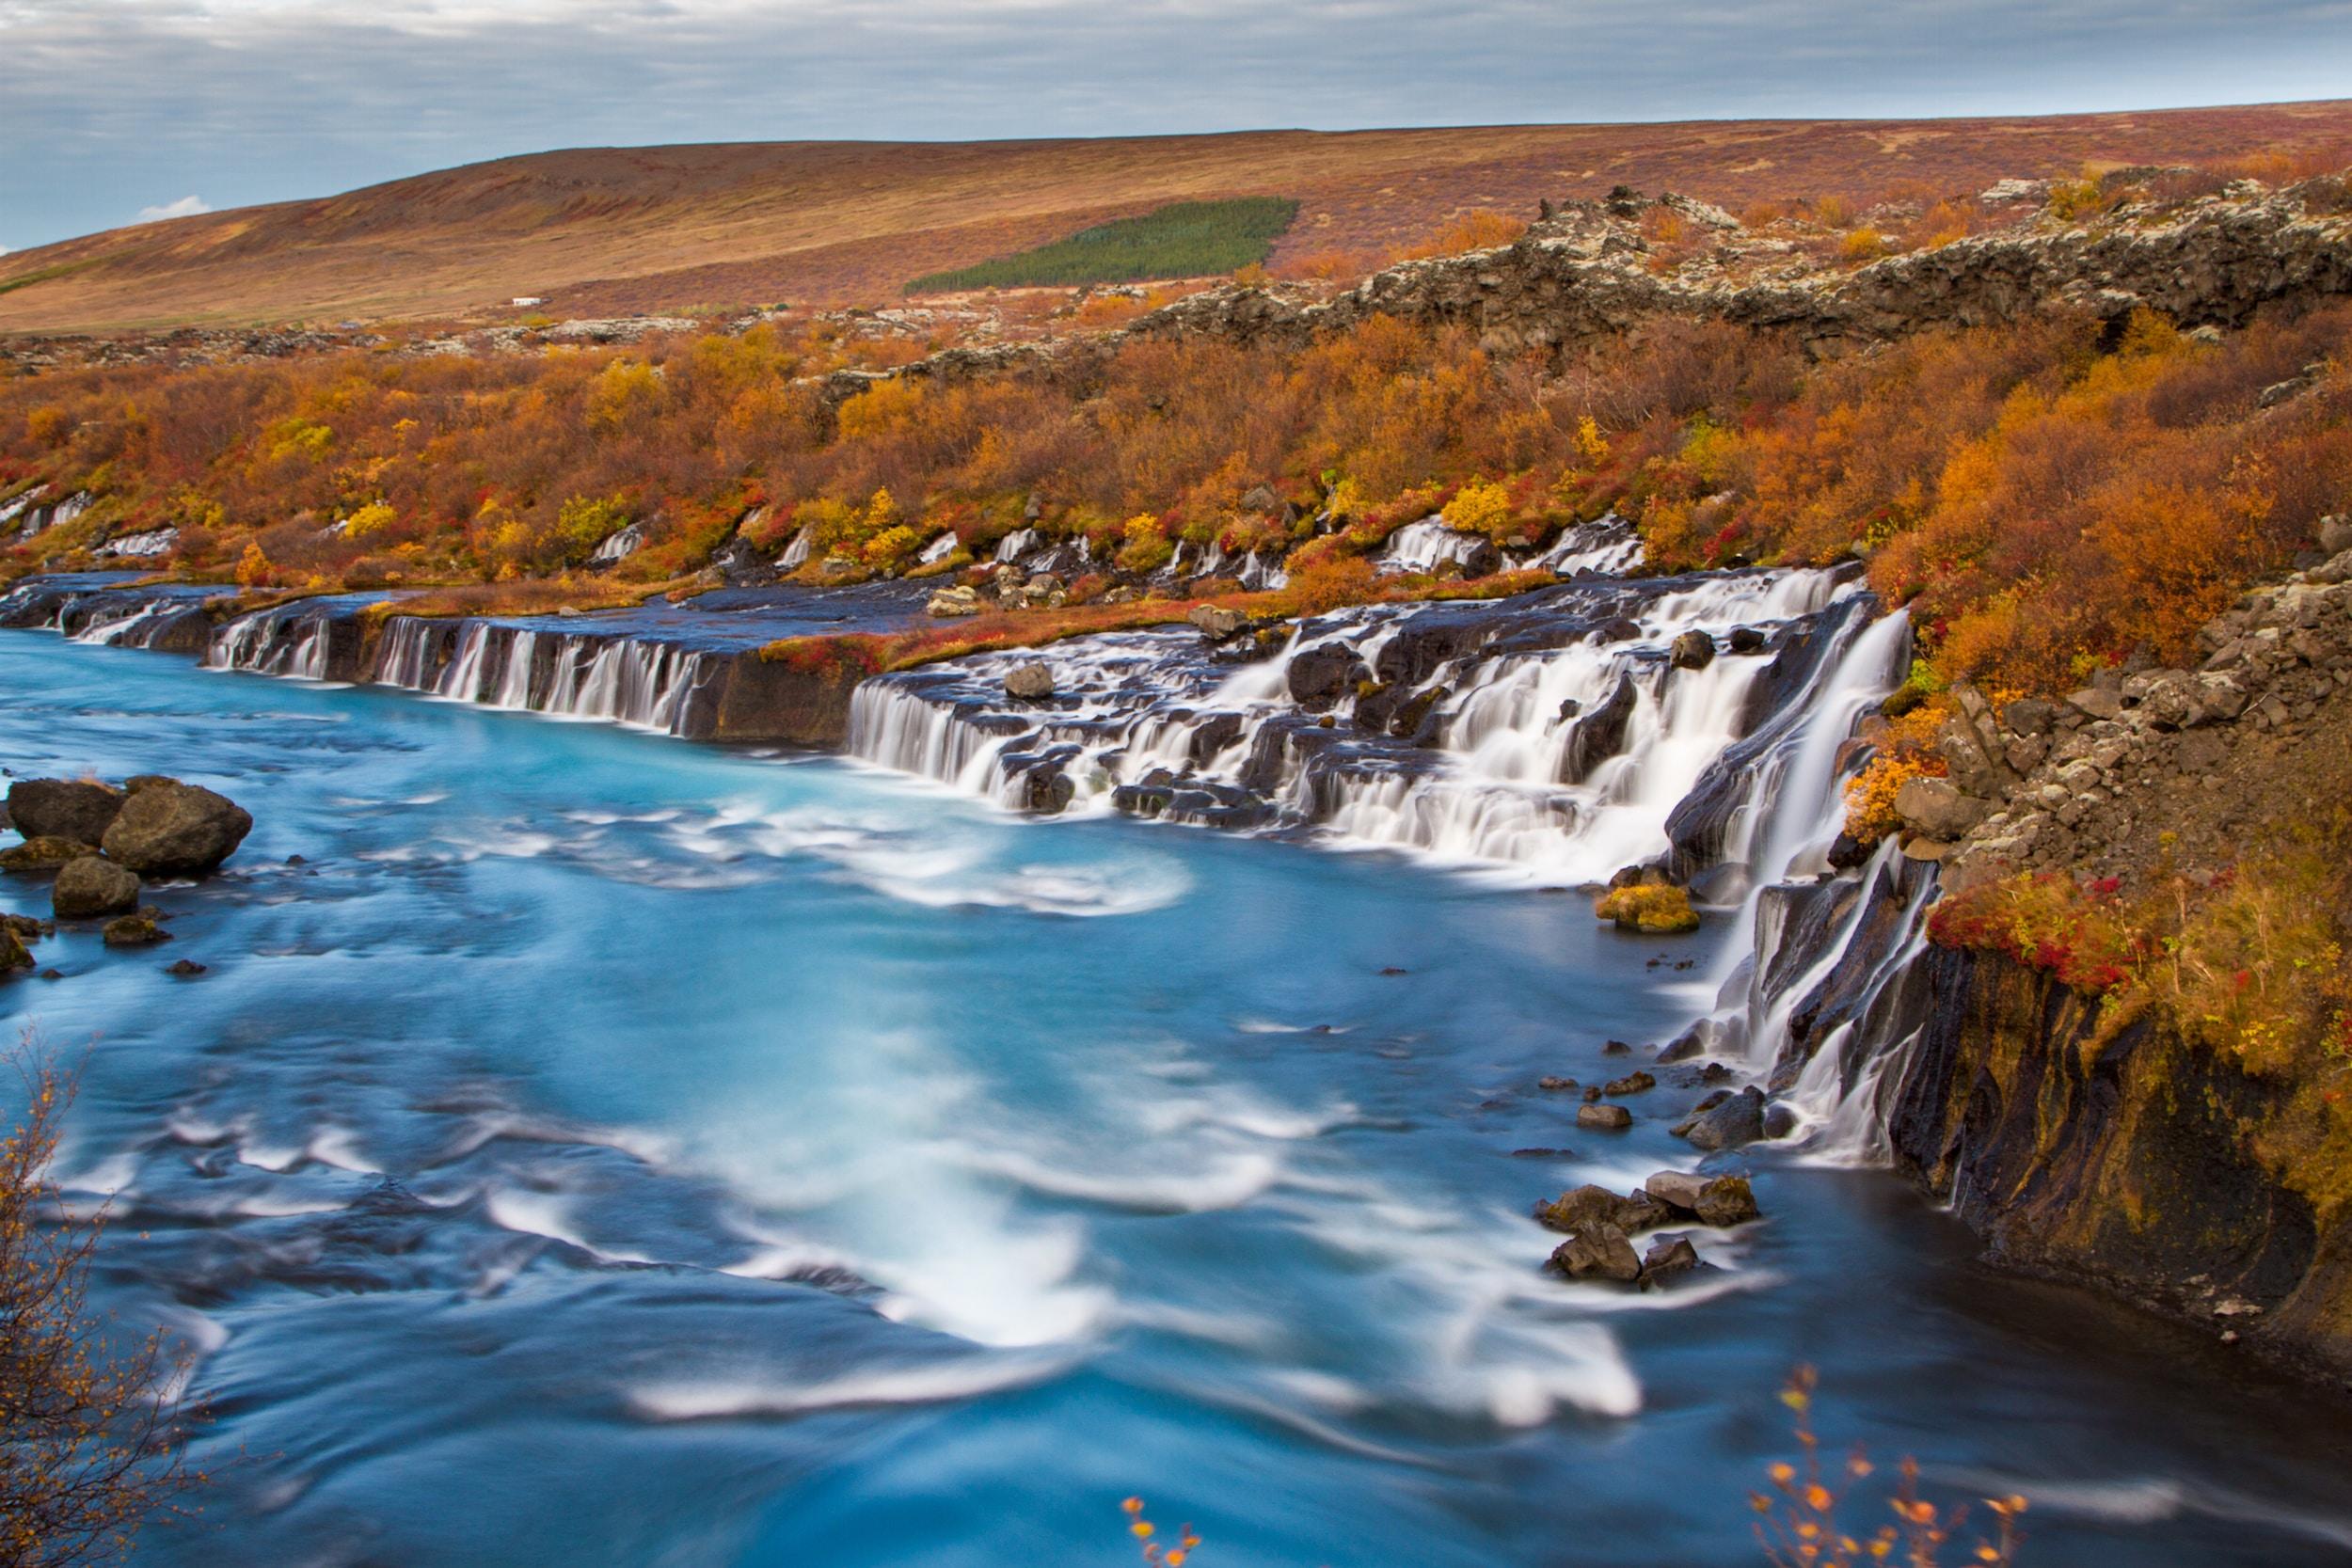 冰岛西部的瀑布颇具田园风光